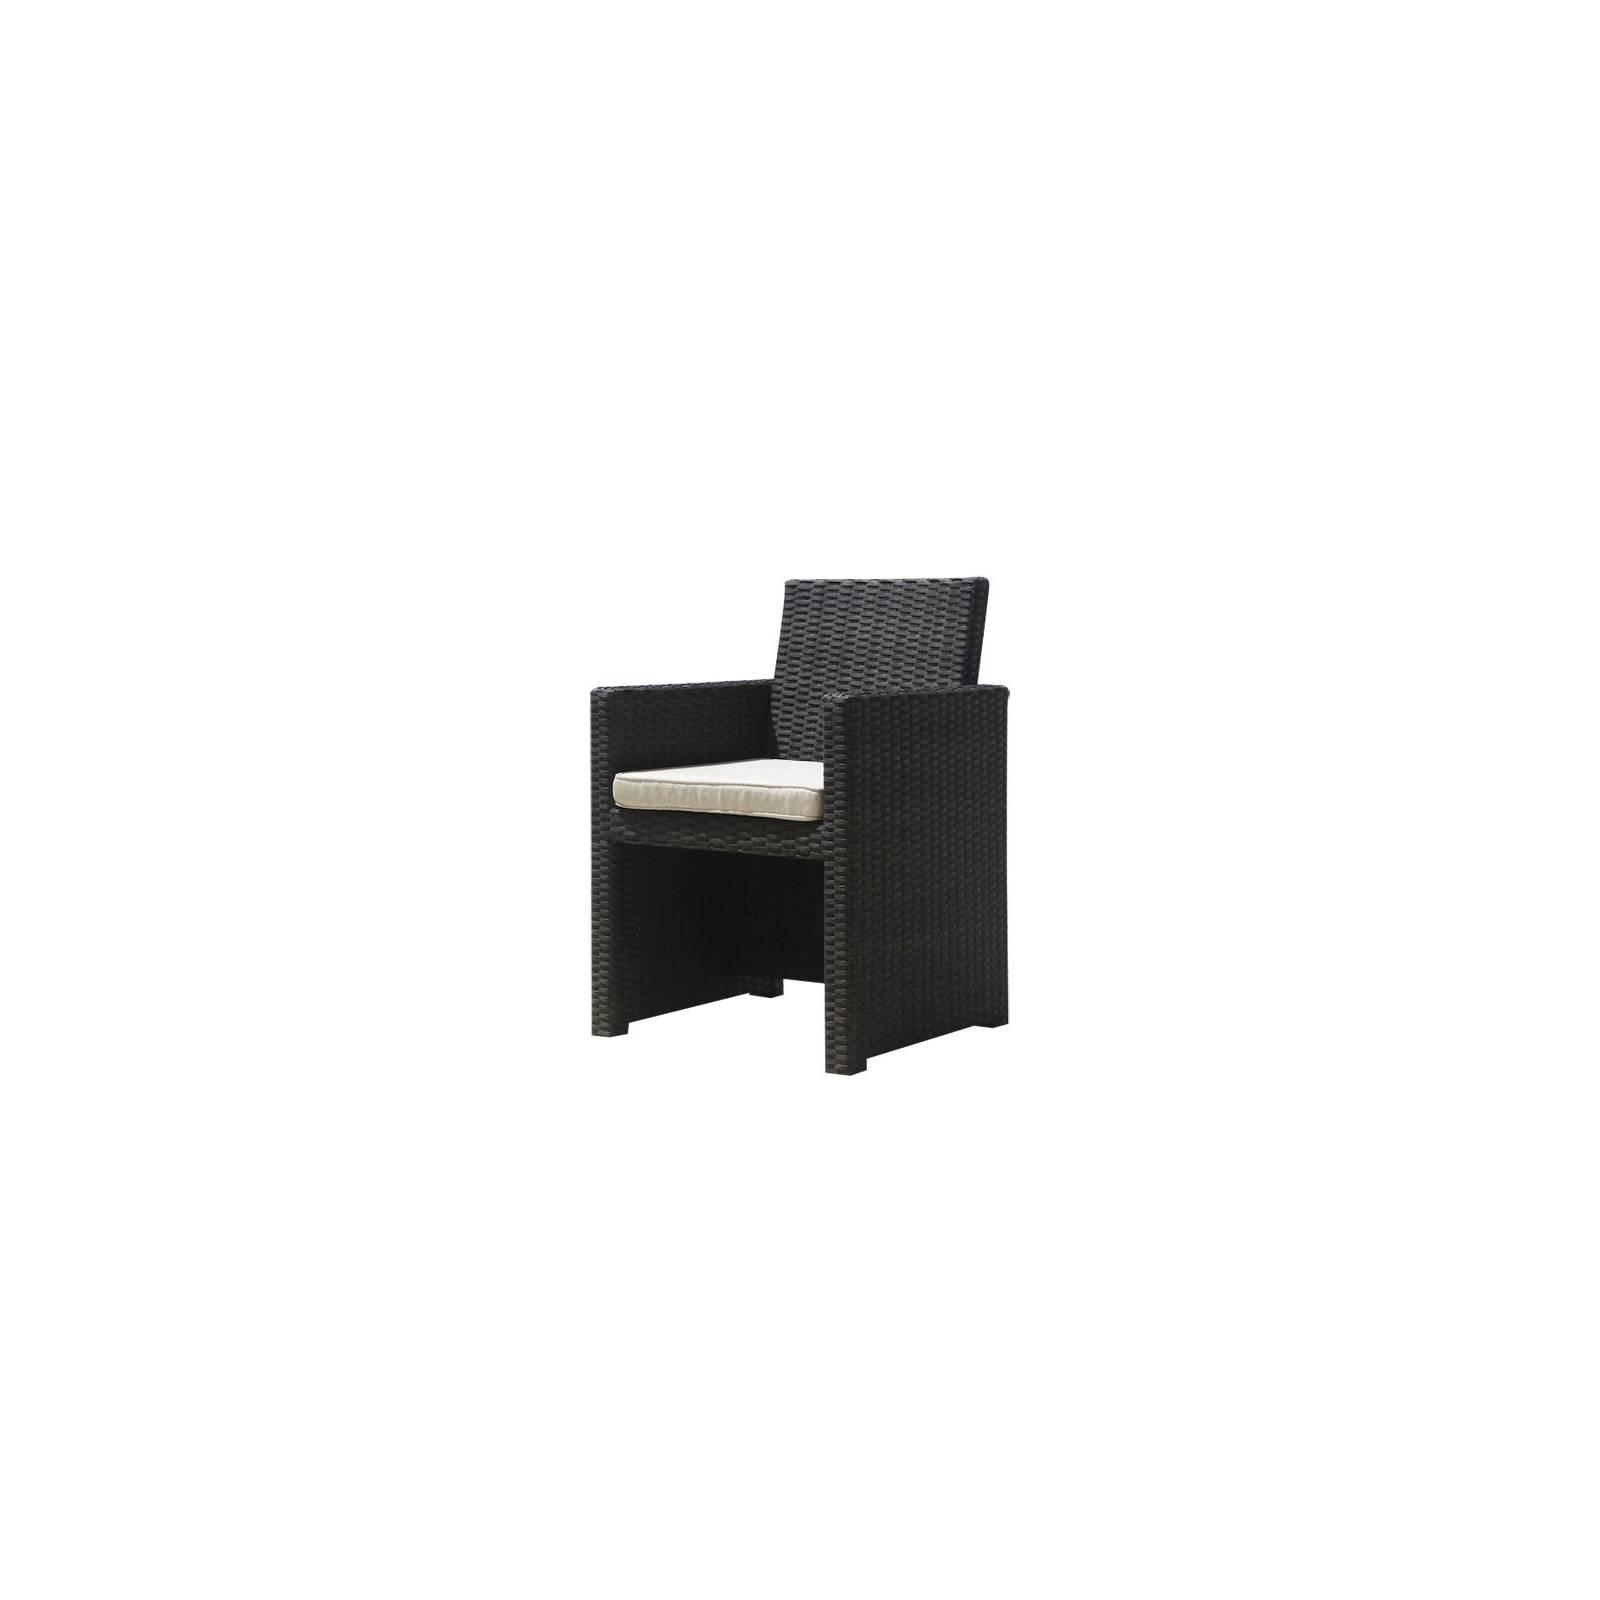 Fauteuil Kelly Fibres - meuble design